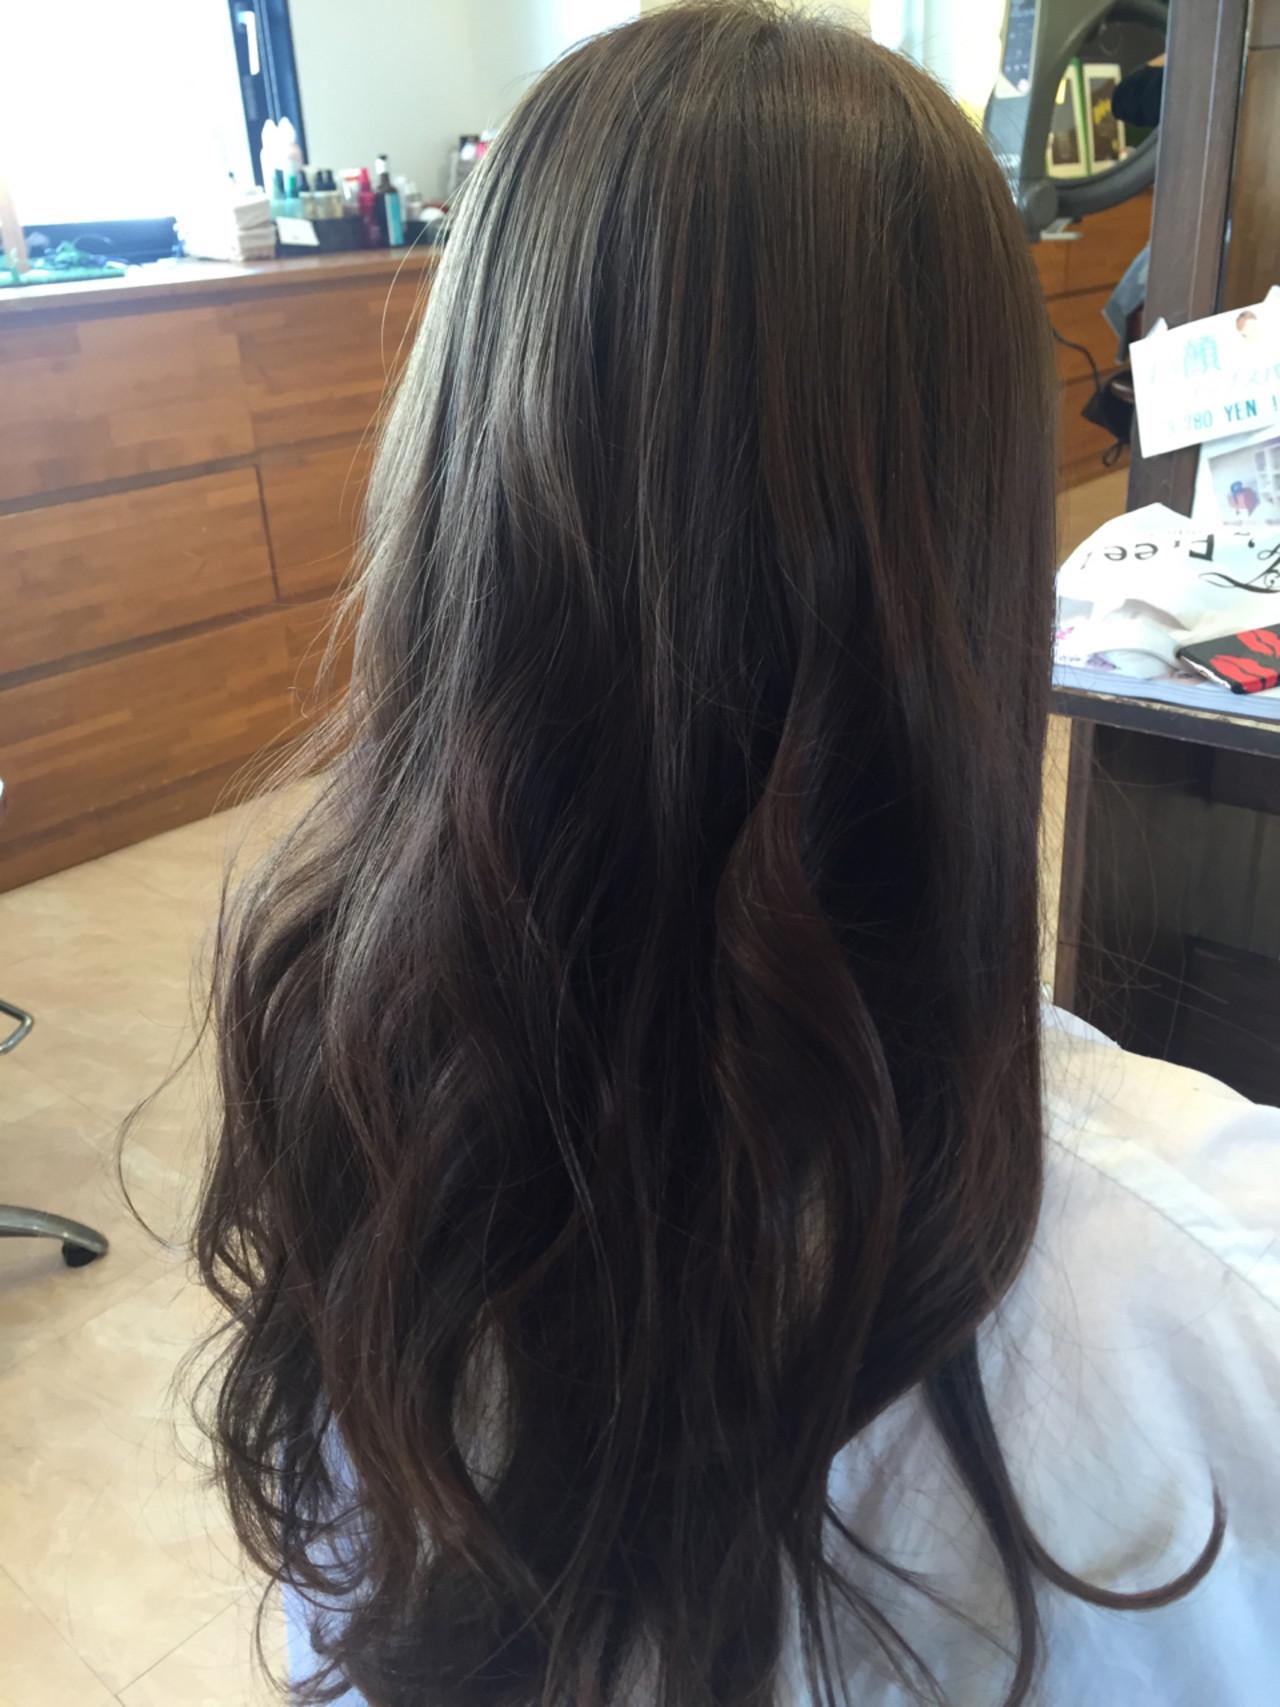 グレージュ ストリート かっこいい 大人女子 ヘアスタイルや髪型の写真・画像